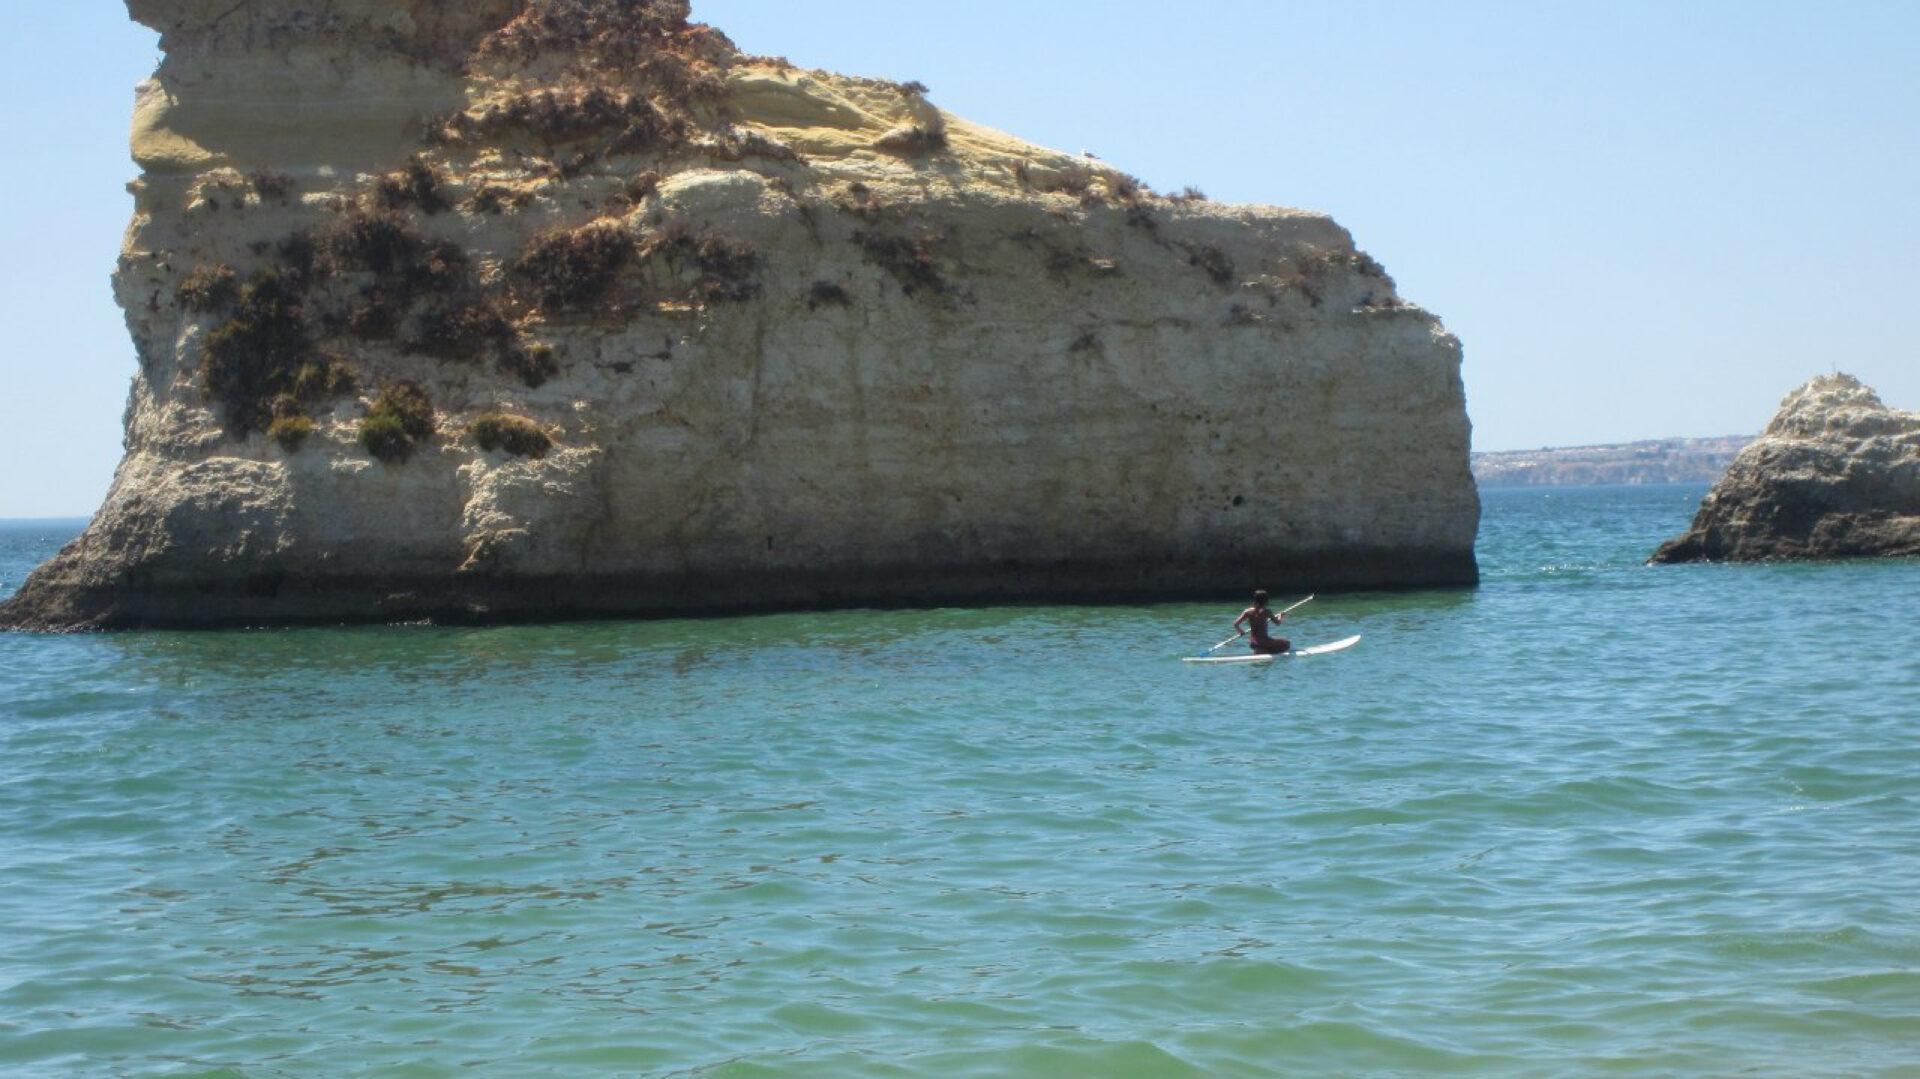 Португалия. Пляжи иночная жизнь Портимао.